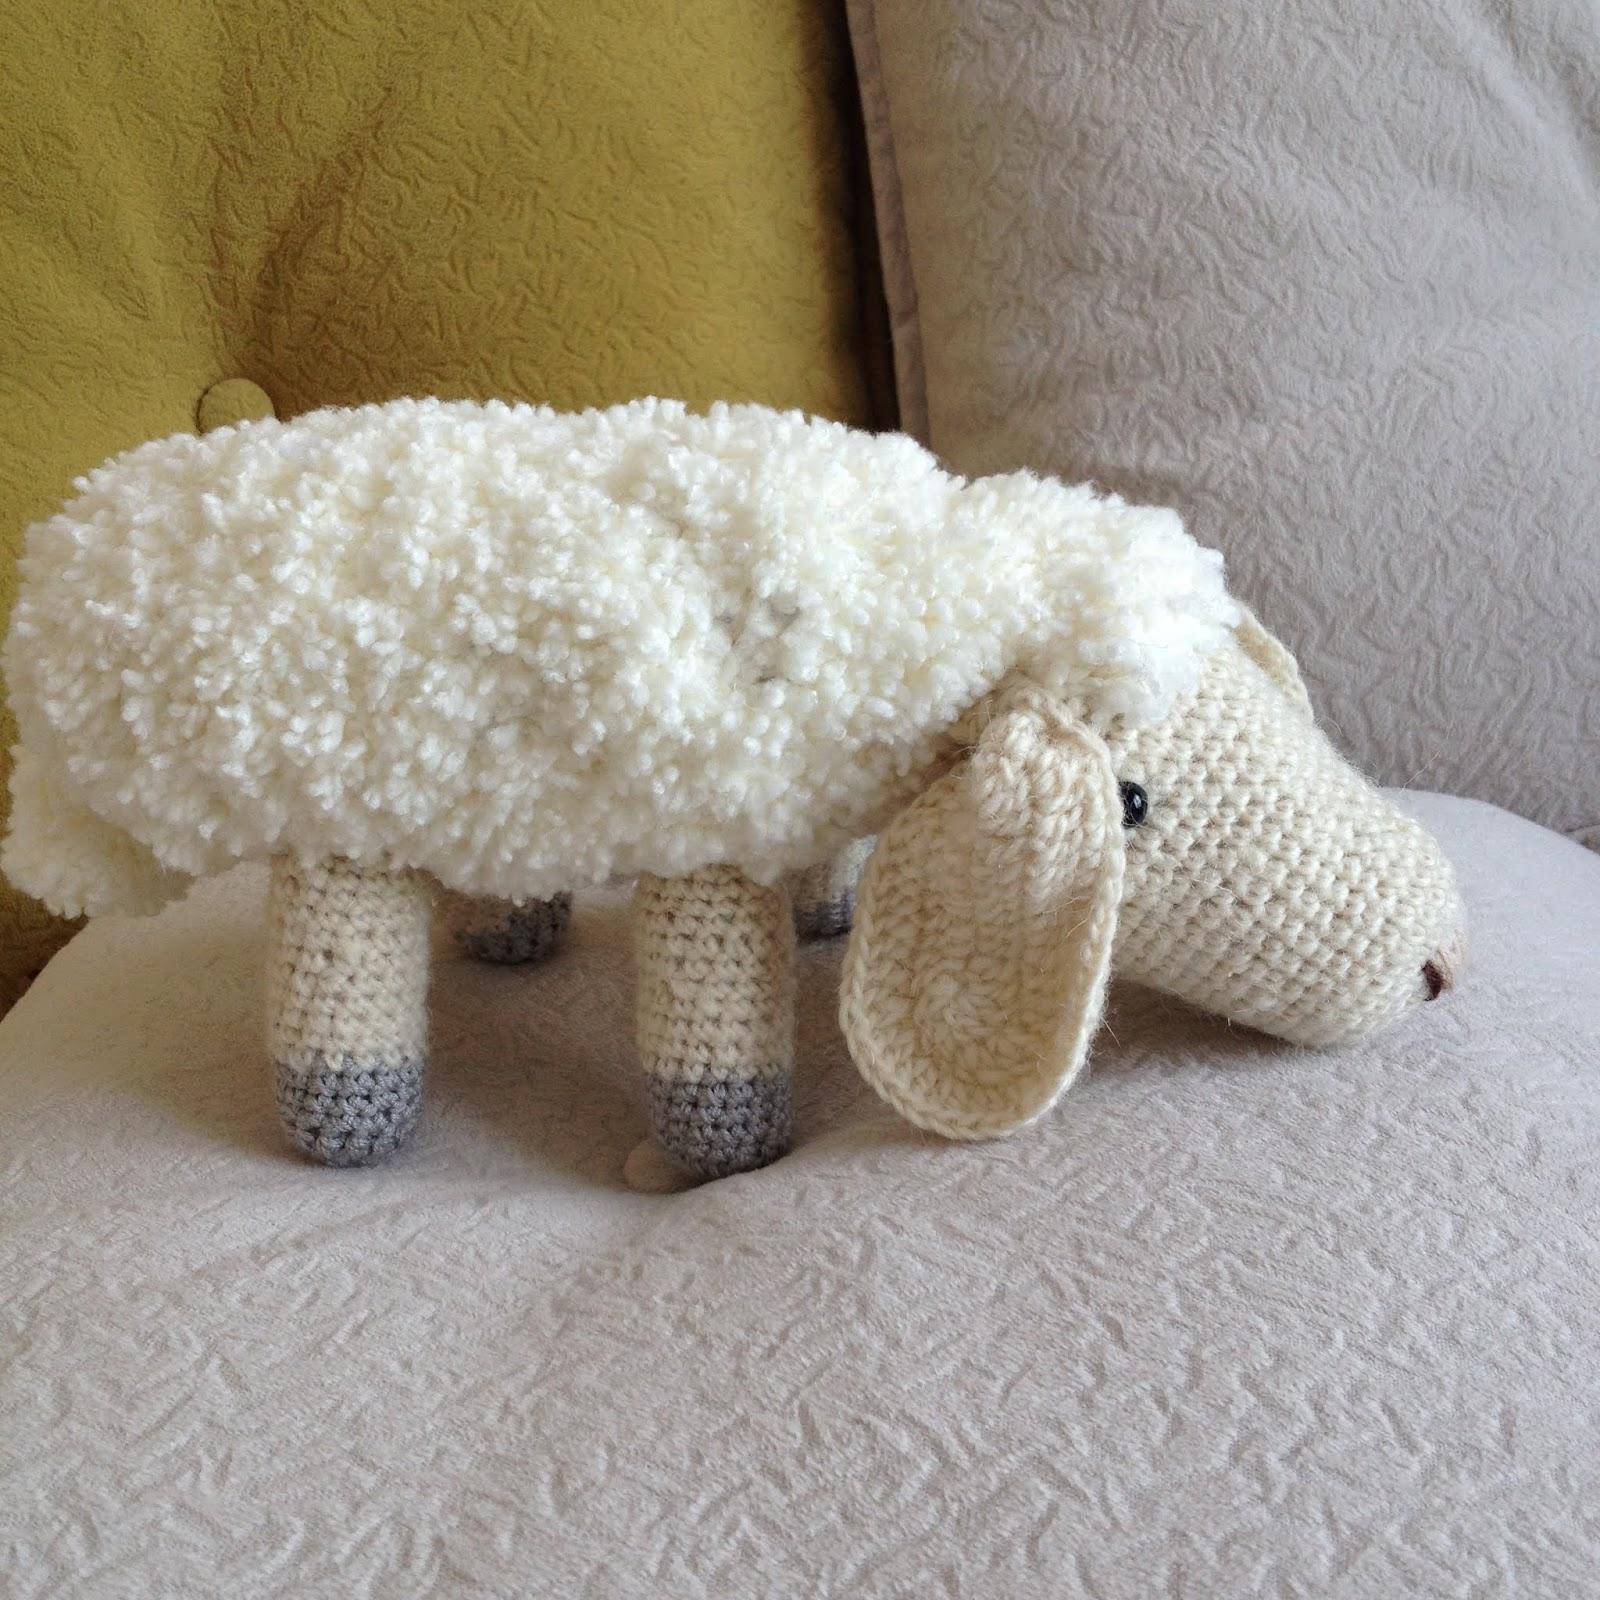 Amigurumi,Amigurumi Mor Koyun Yapılışı.Amigurumi Sheep Free ... | 1600x1600